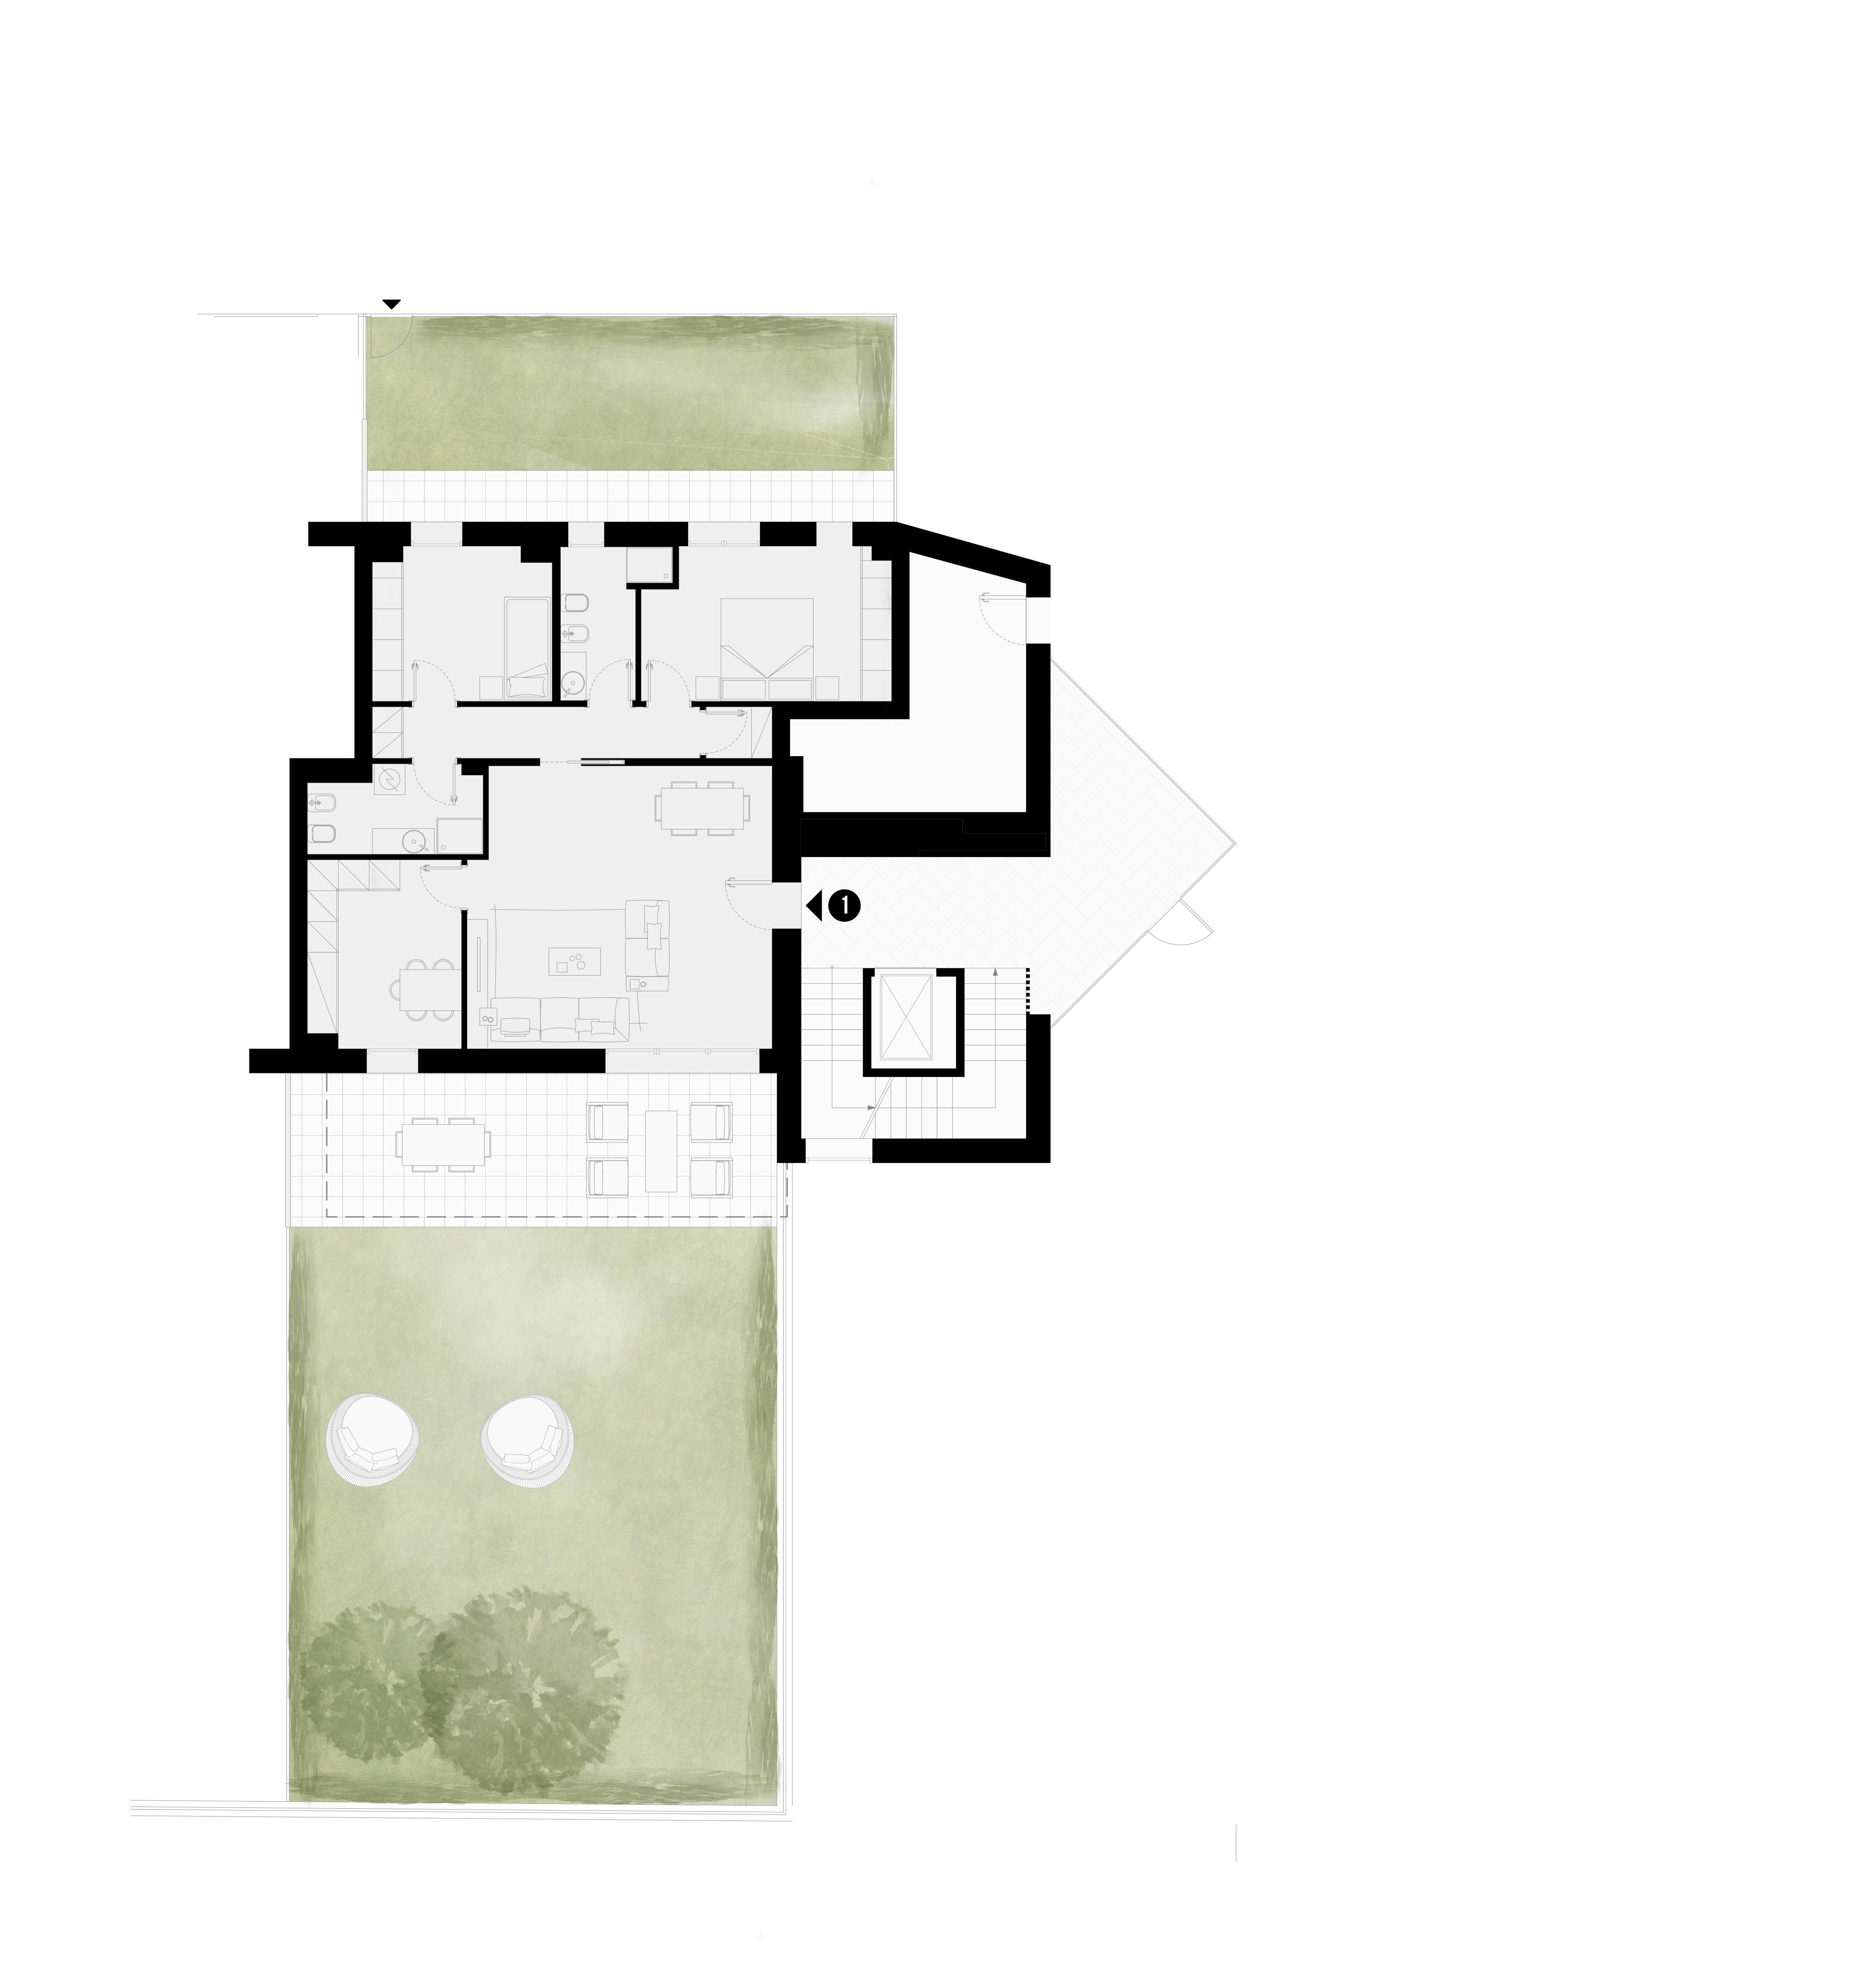 Residenze-San Lazzaro - Bologna-Arcobaleno2spa